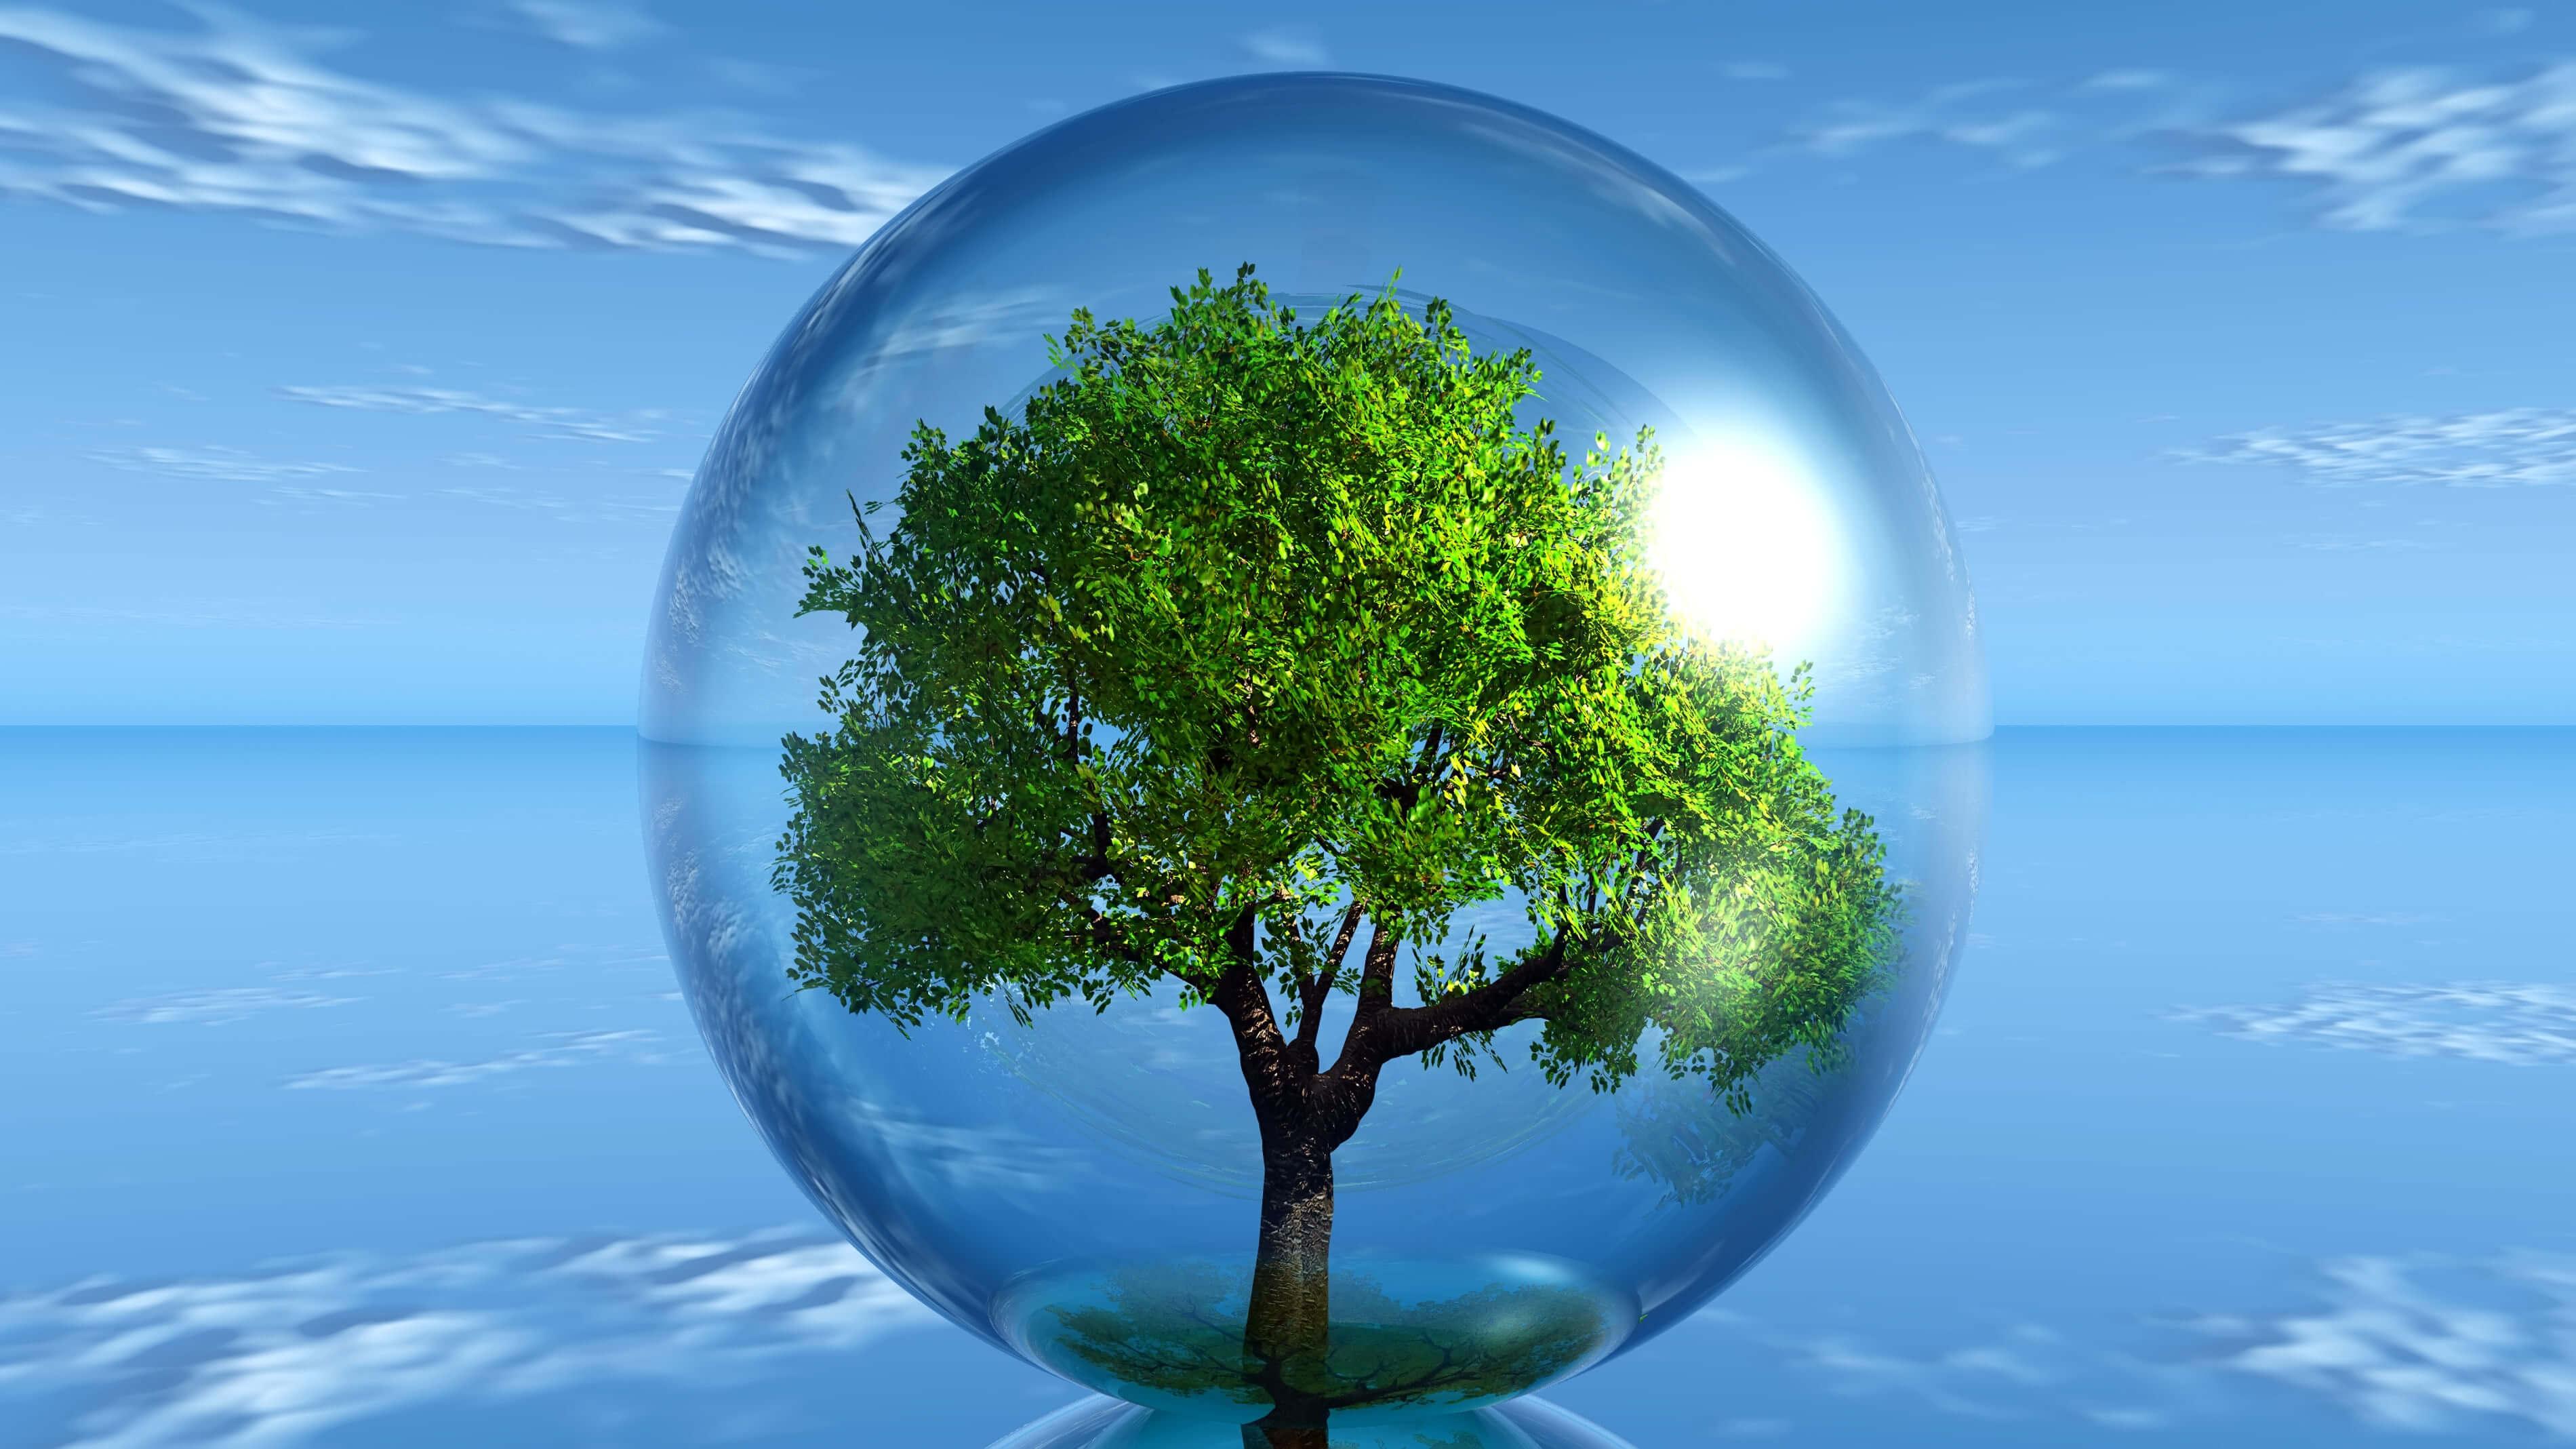 Les développements durables pour prendre soin de notre planète